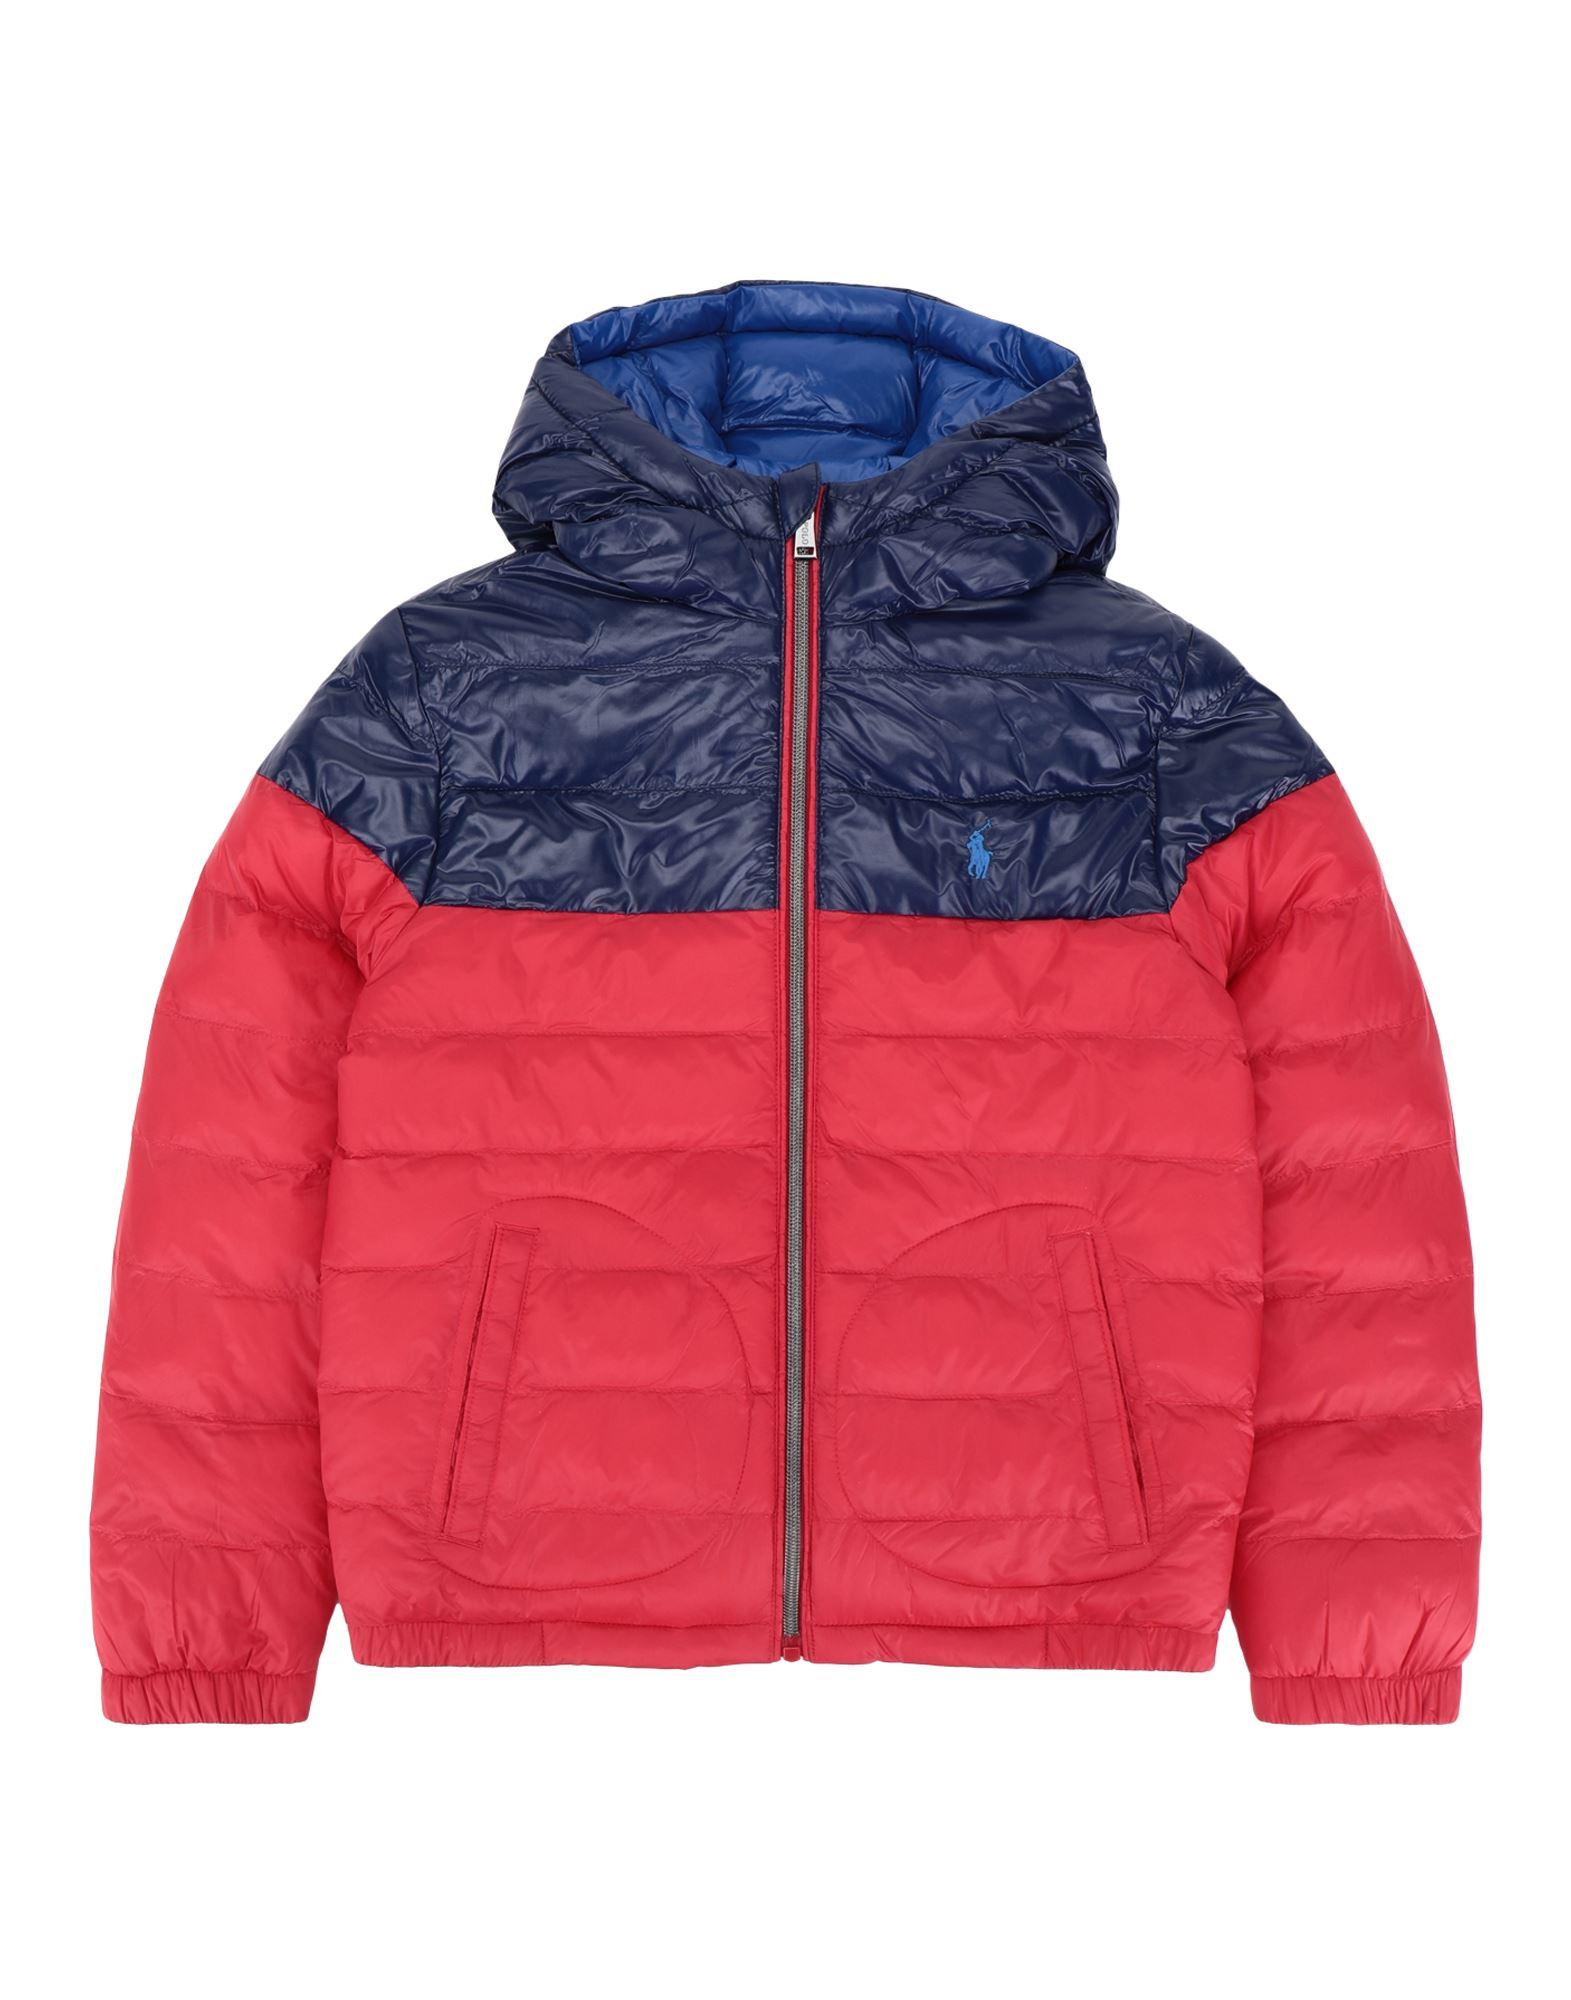 《セール開催中》RALPH LAUREN ボーイズ 9-16 歳 合成繊維中綿アウター レッド 10 リサイクル ナイロン 100% Reversible Water-Resistant Jacket